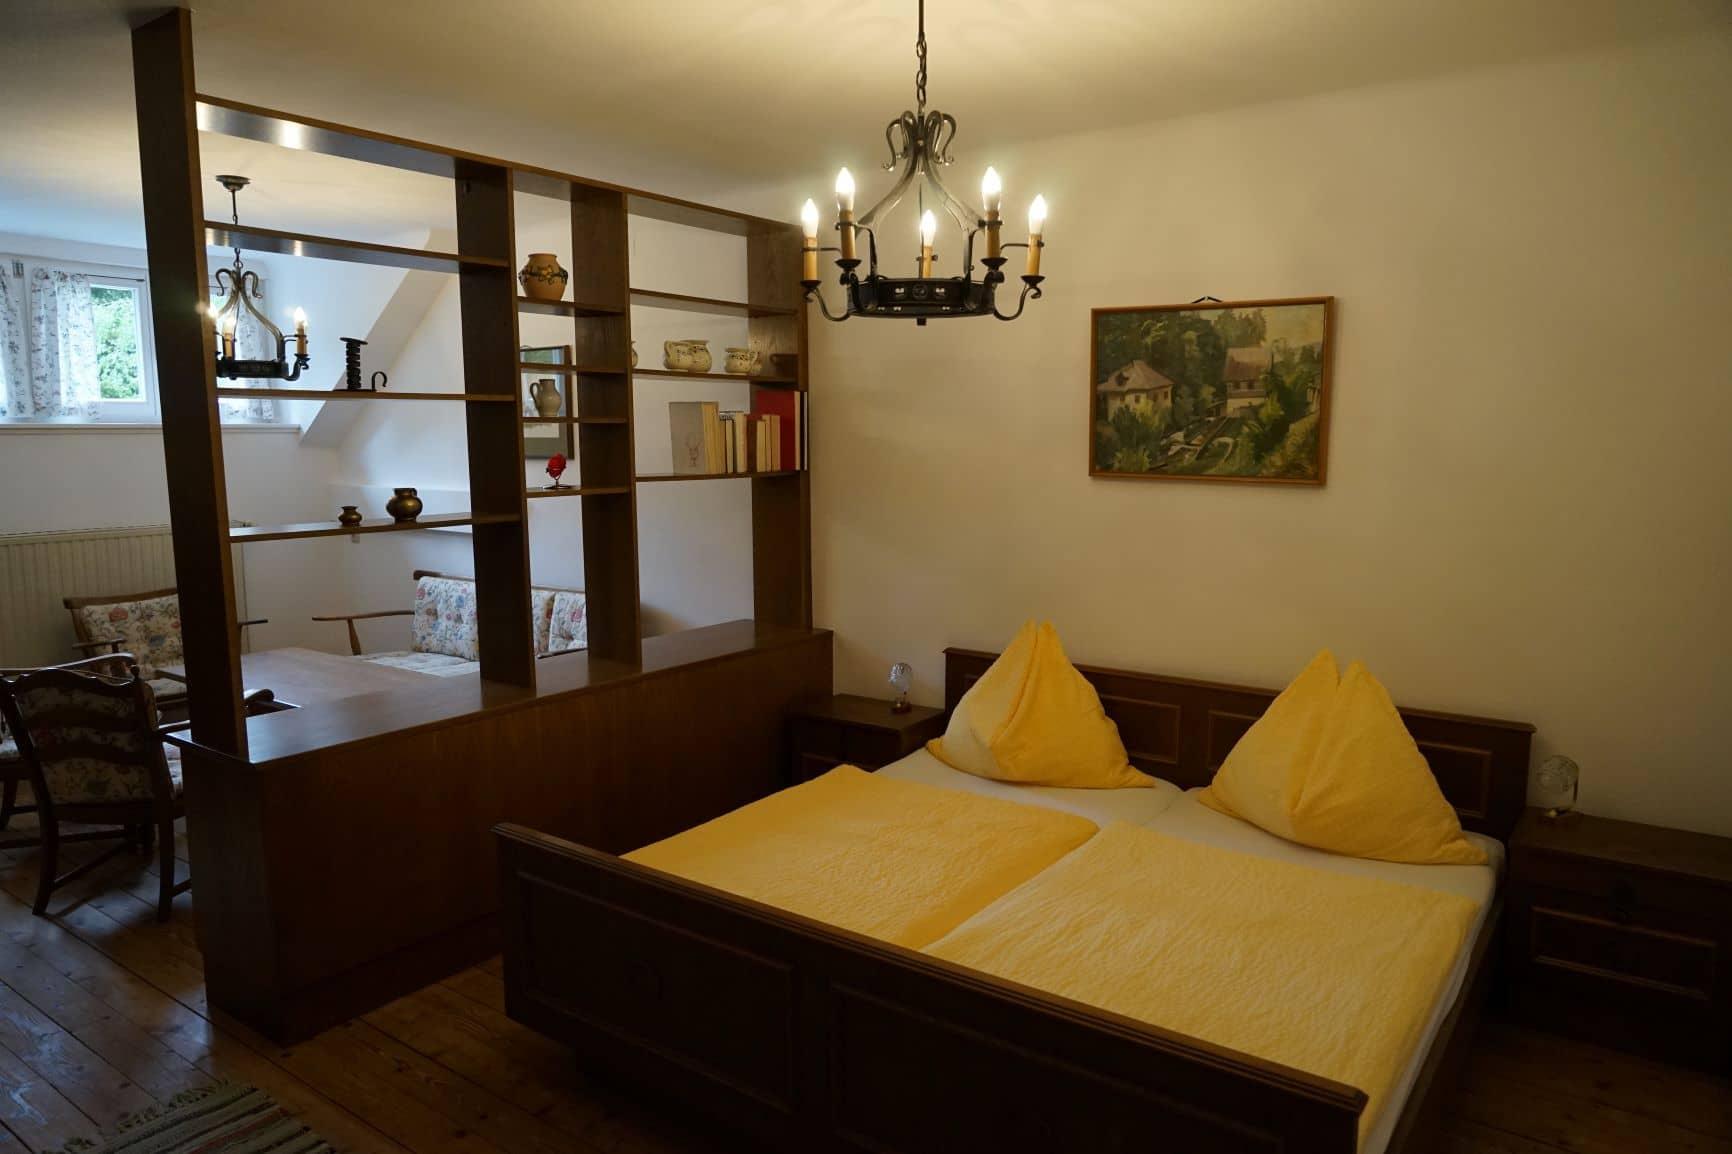 Apartment 12 - Schlafzimmer